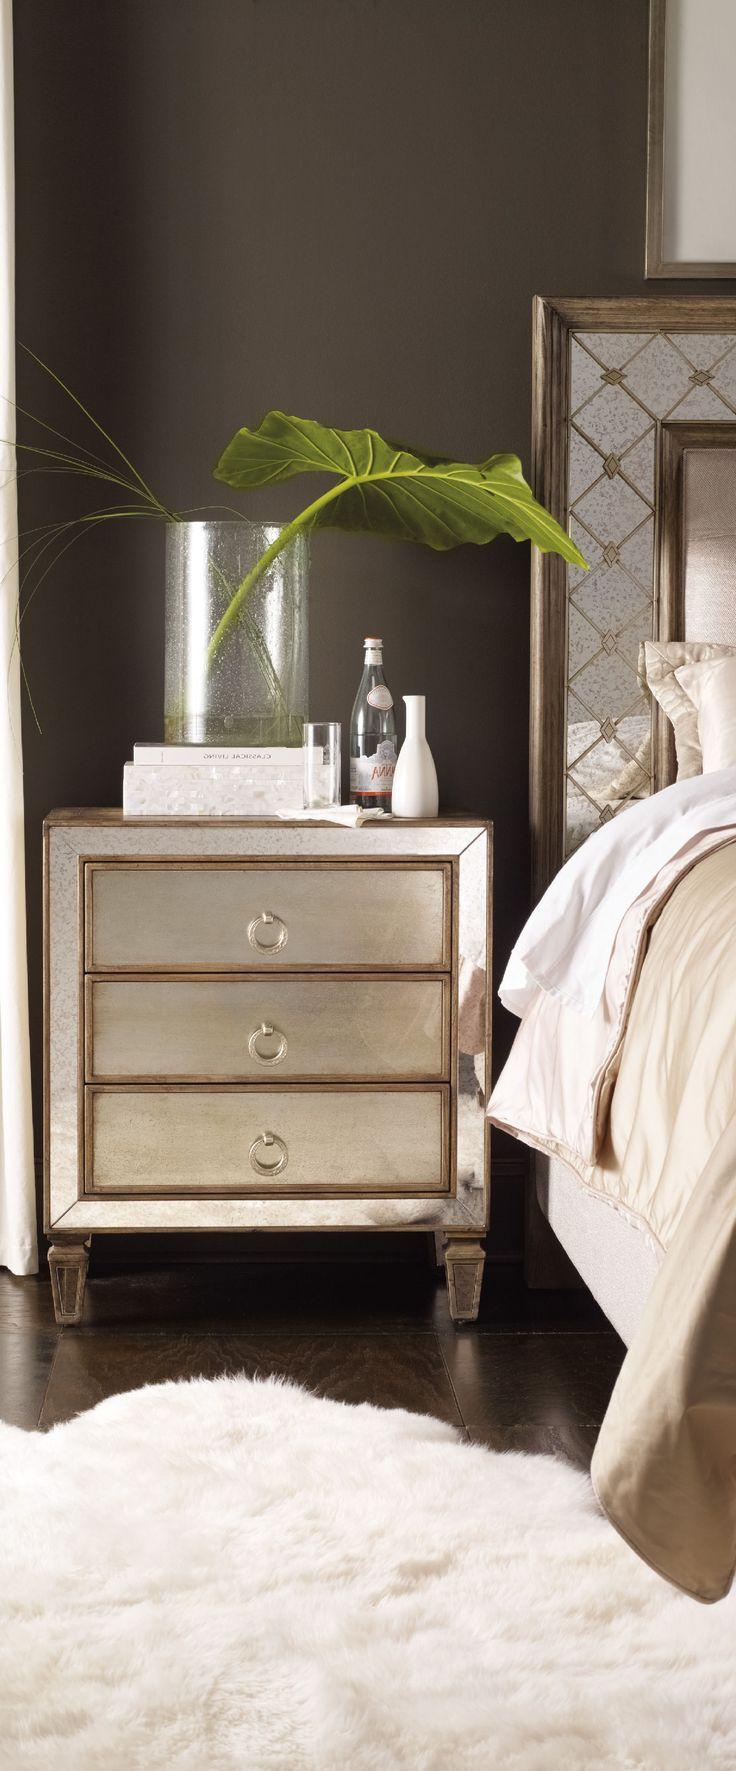 """LUXURY NI""""luxury nightstands"""" """"designer nightstands"""" """"custom made nightstands""""…"""